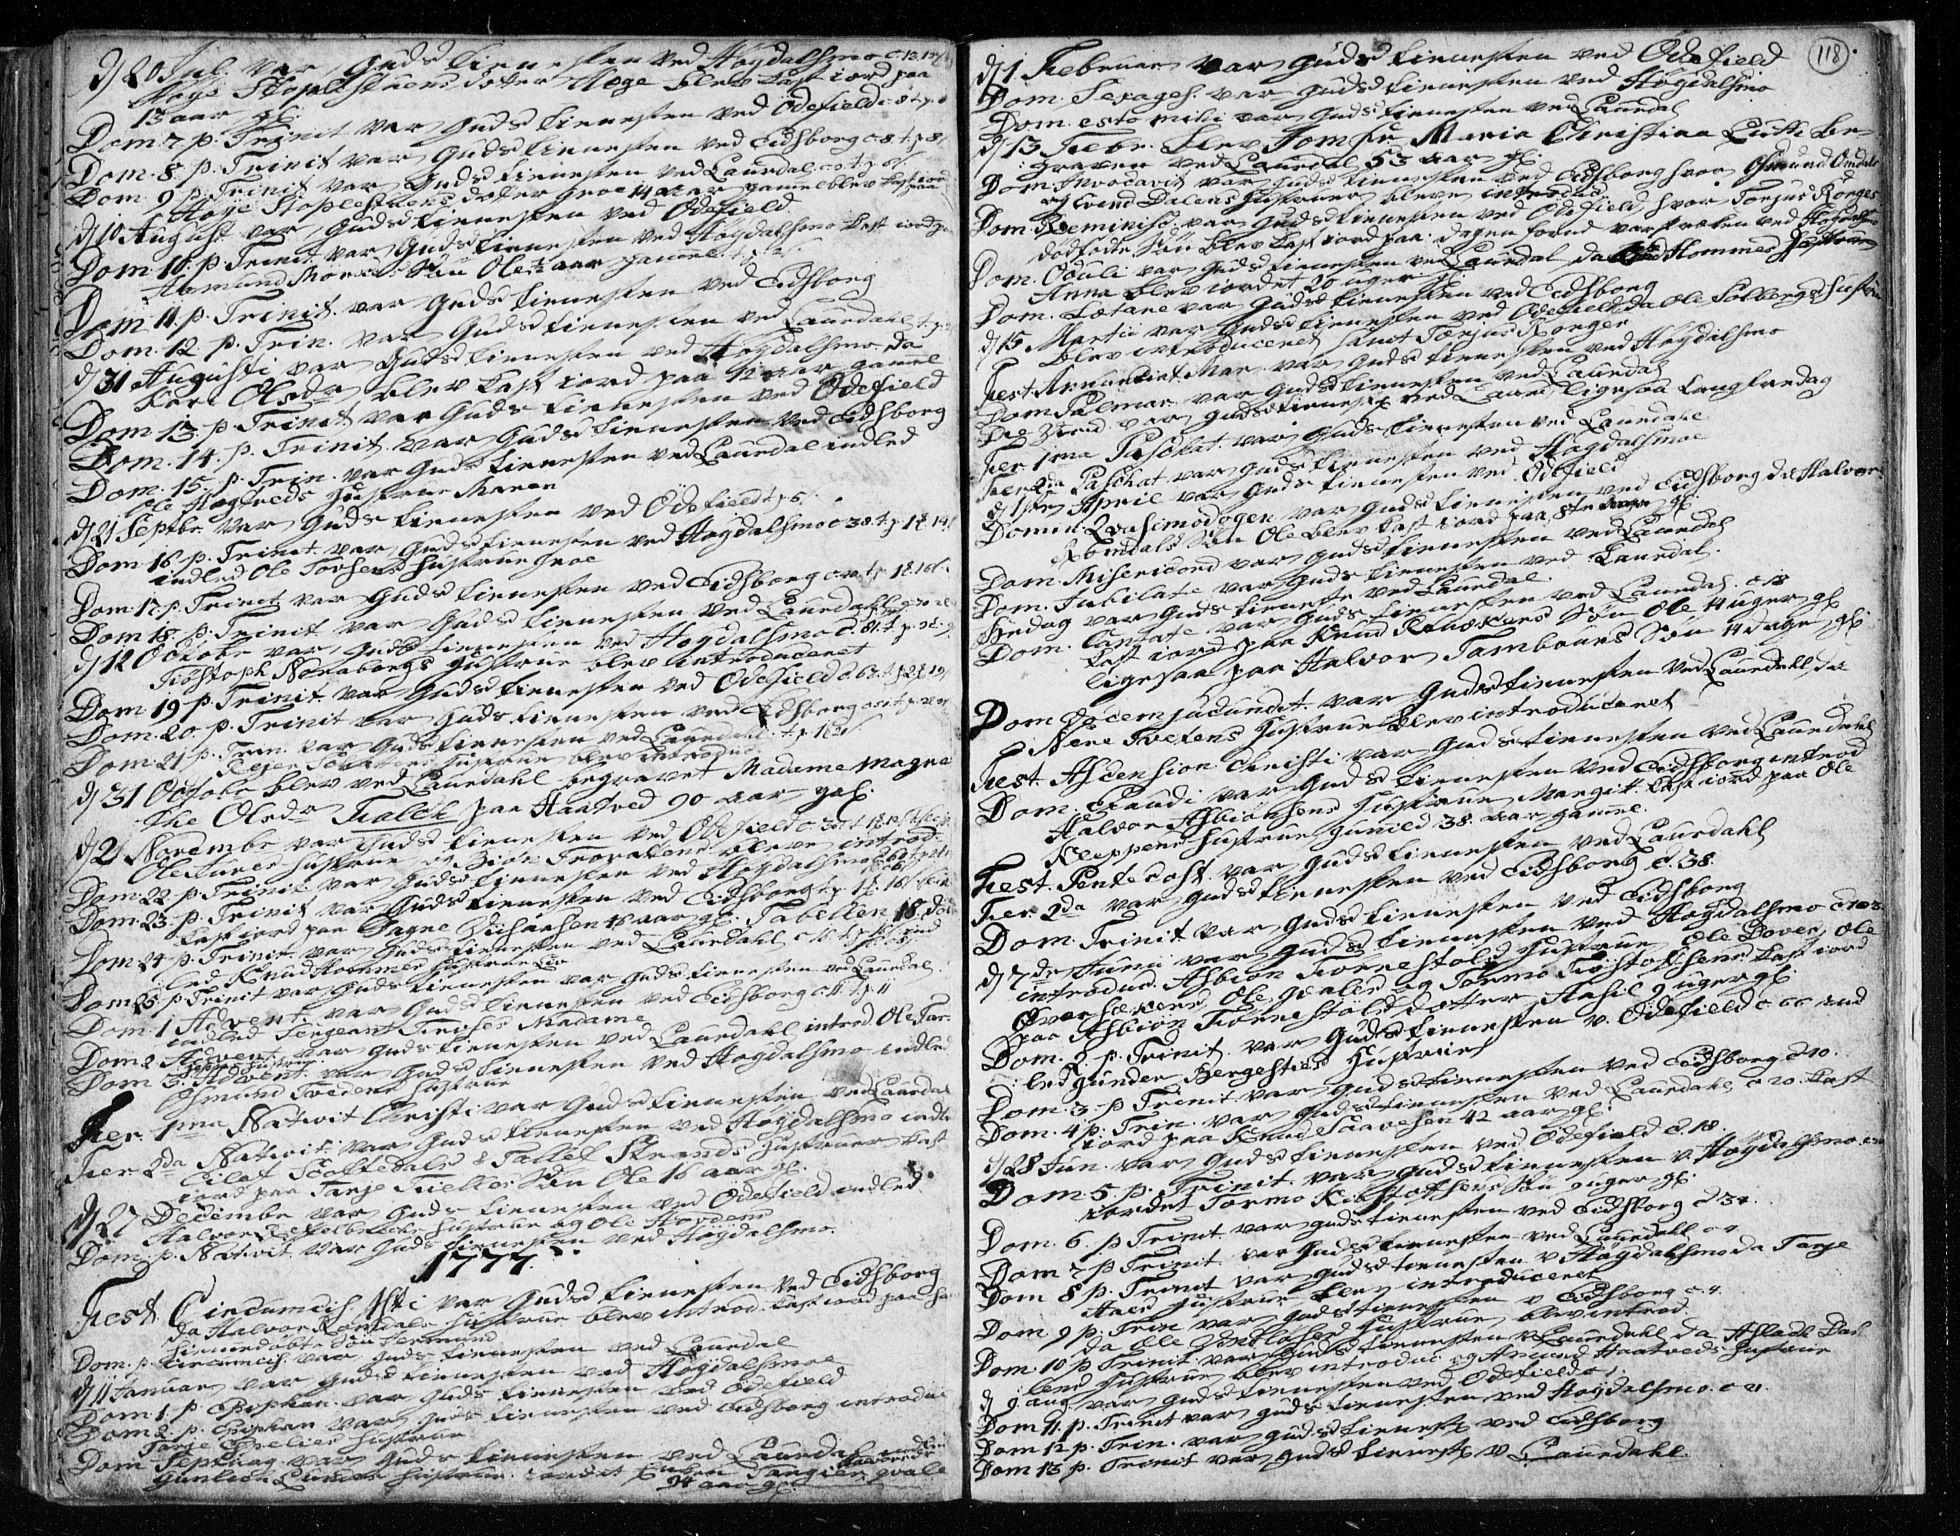 SAKO, Lårdal kirkebøker, F/Fa/L0003: Ministerialbok nr. I 3, 1754-1790, s. 118